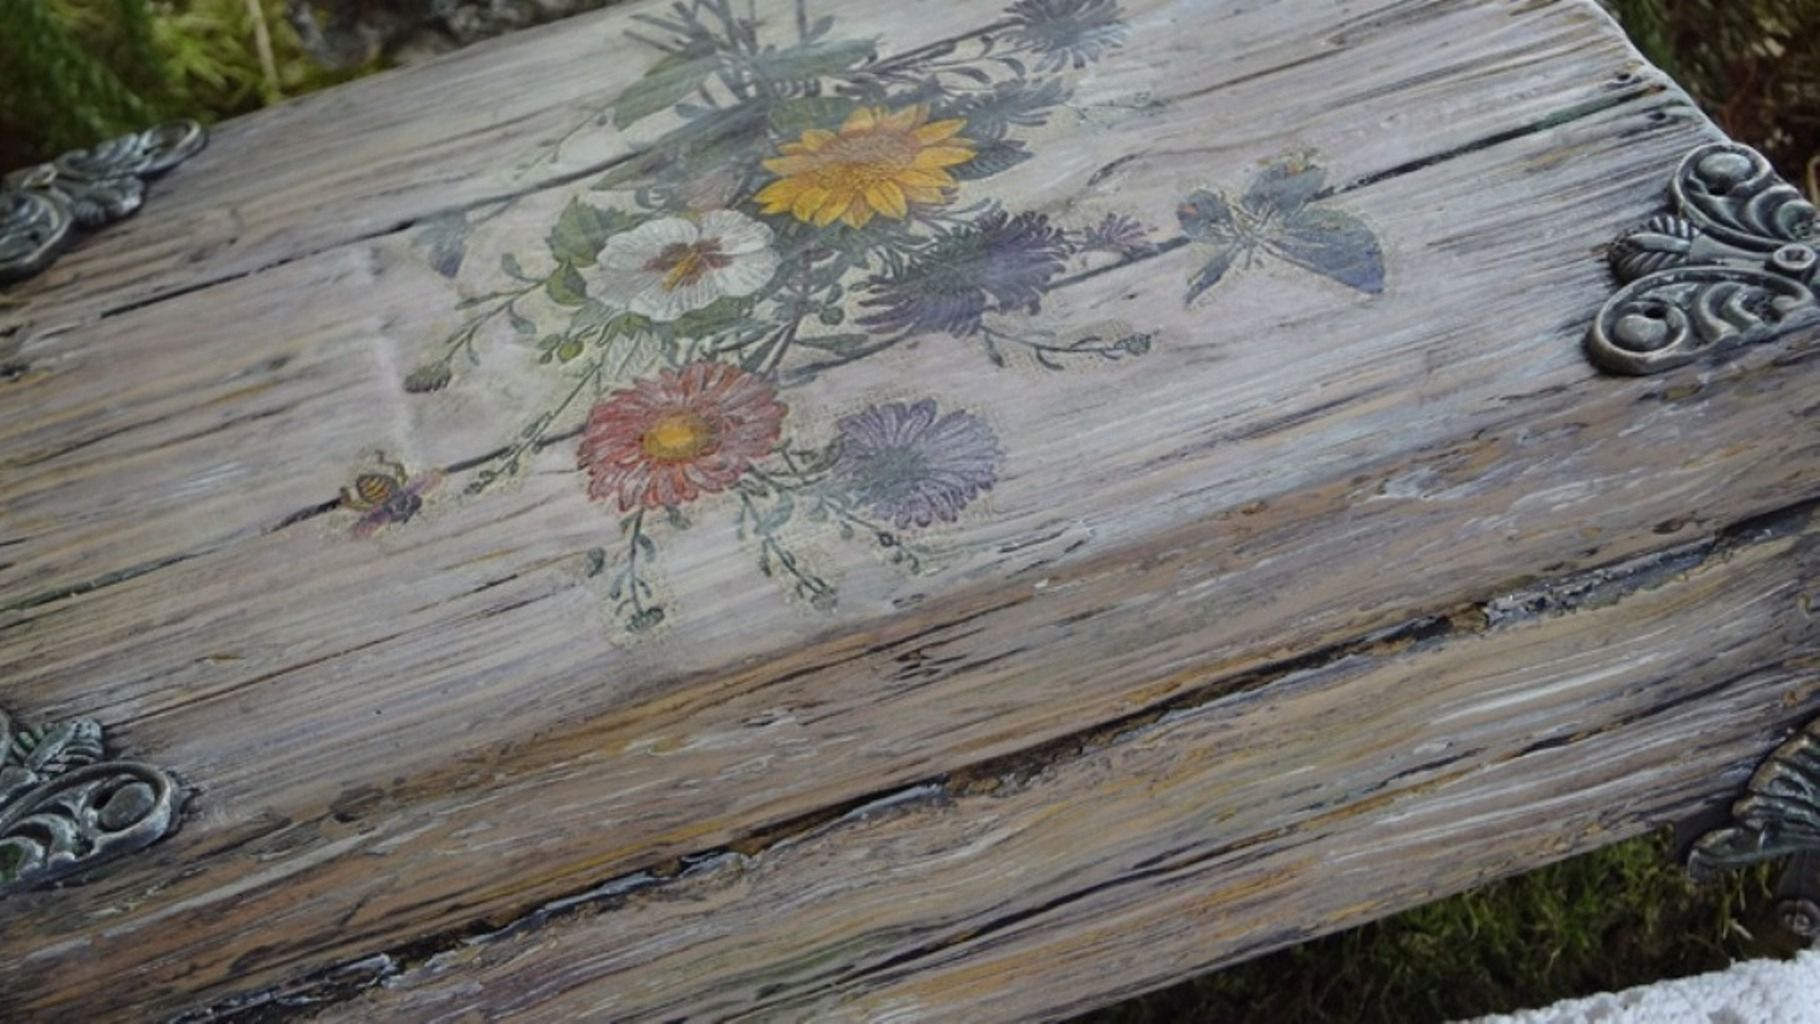 старое женщине подарок шкатулка ручной старину работы дерево девушке имитация под